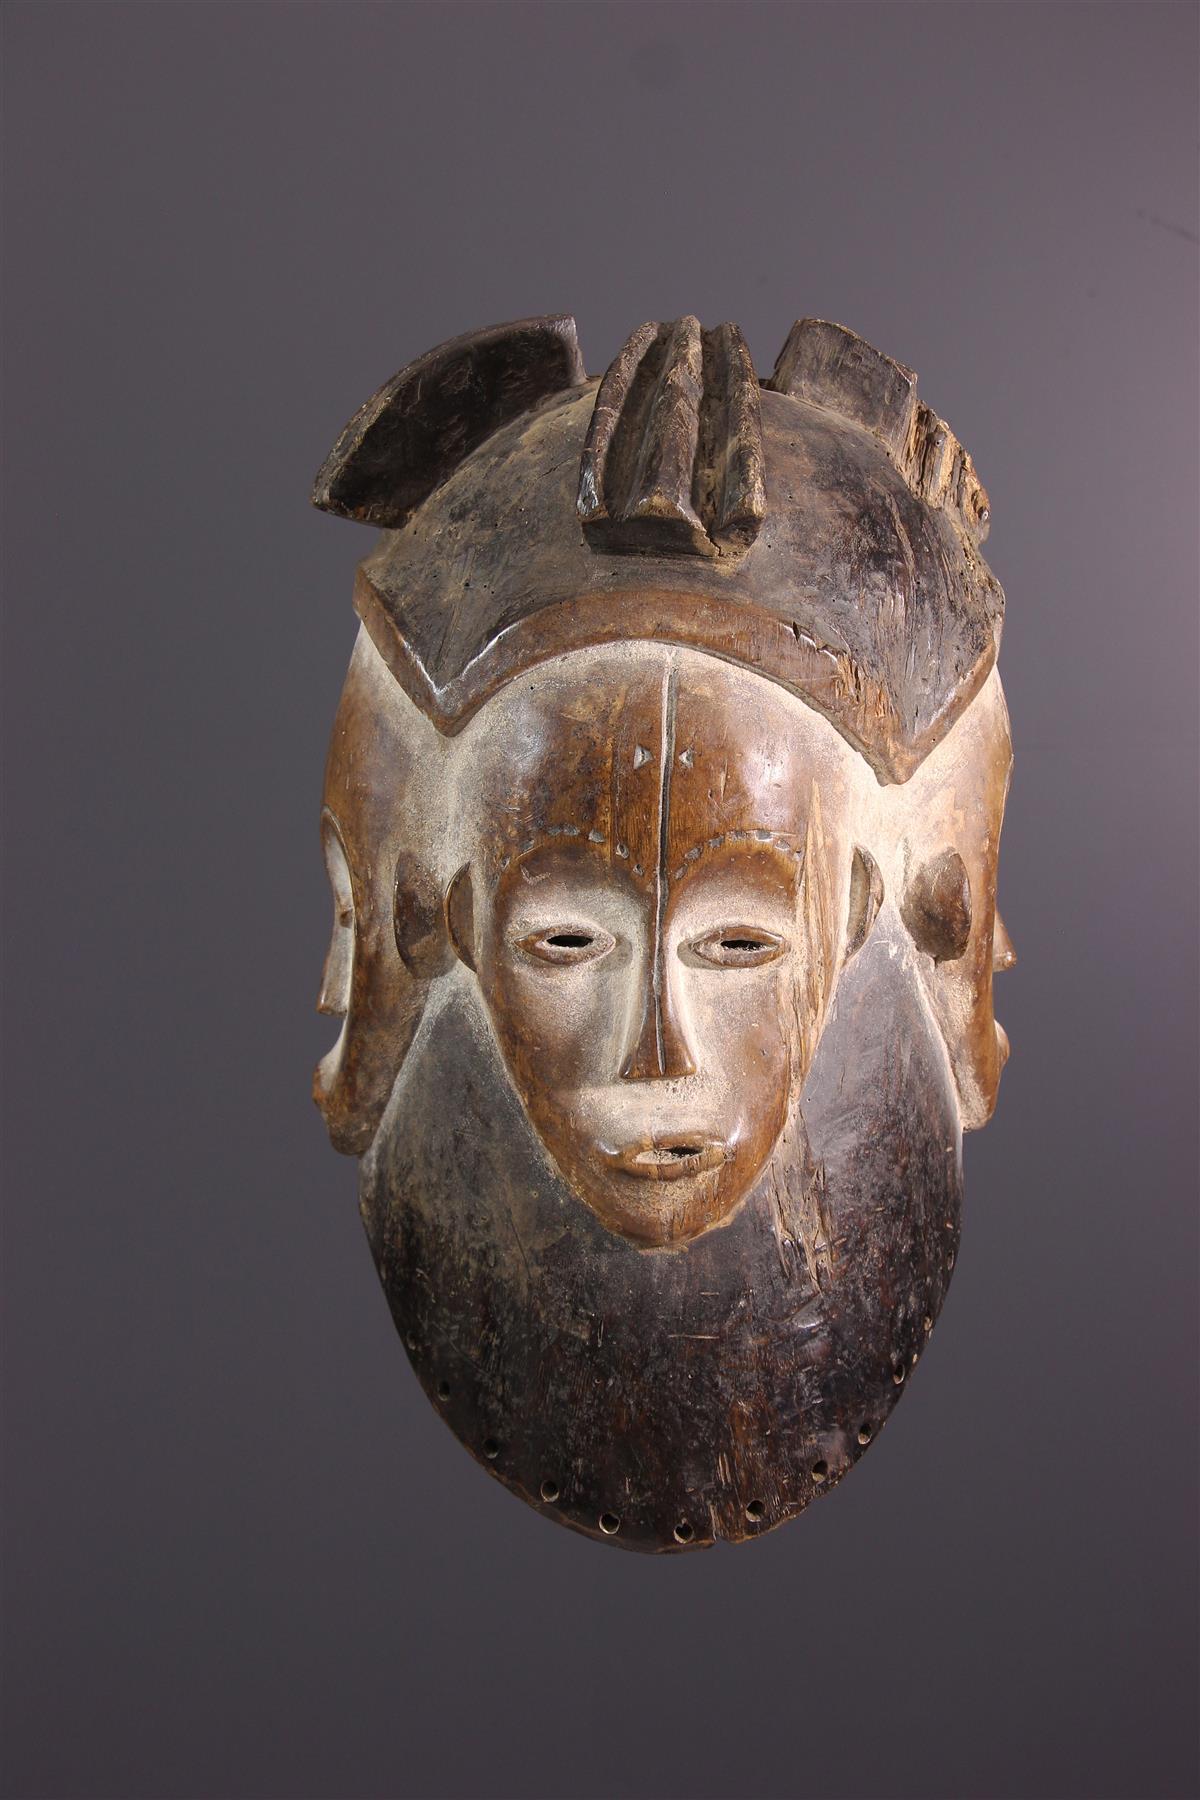 Fang Mask - Tribal art